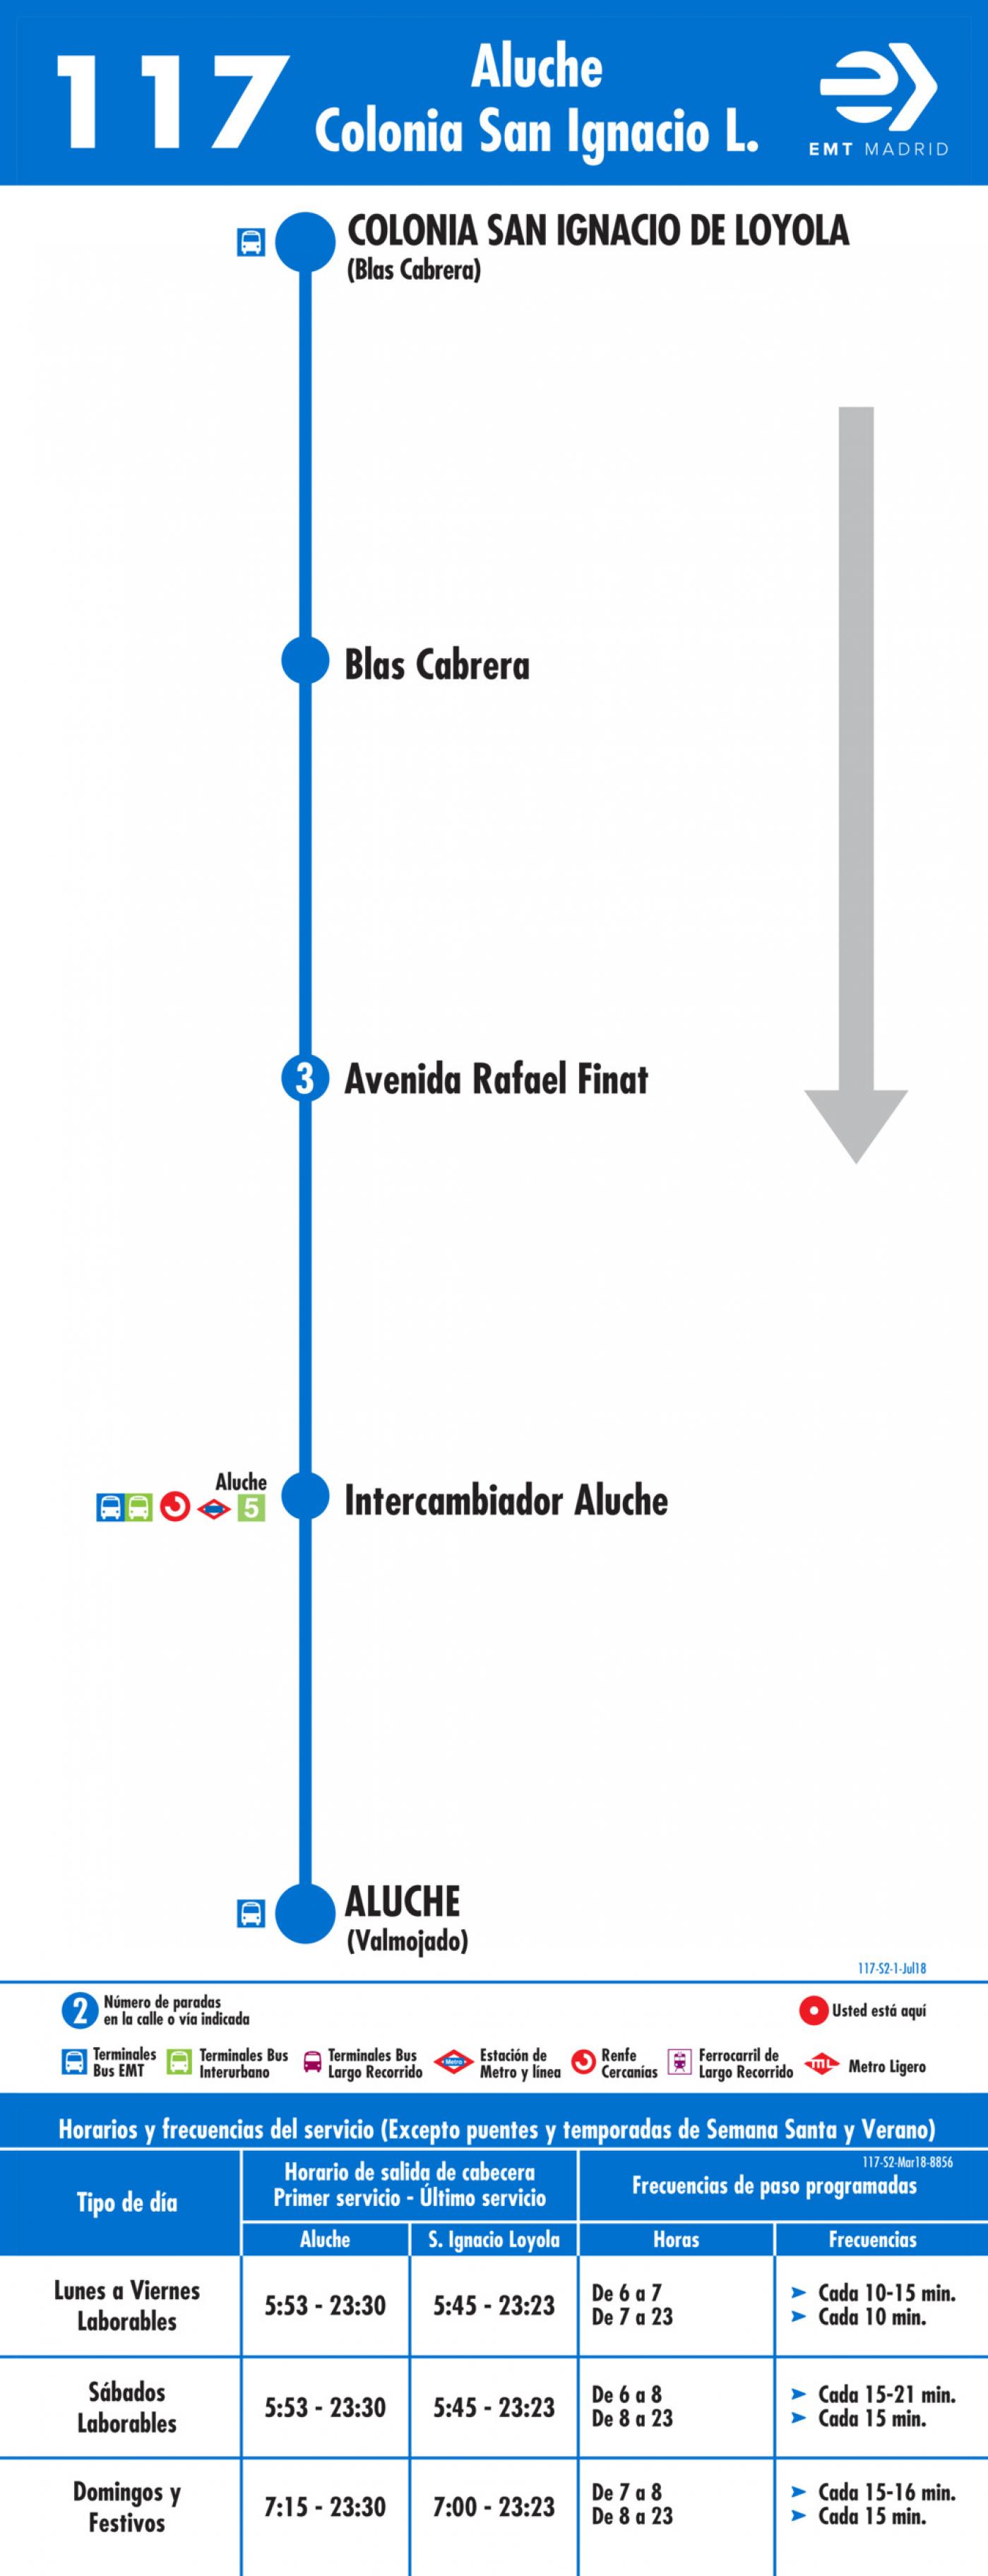 Tabla de horarios y frecuencias de paso en sentido vuelta Línea 117: Aluche - Colonia San Ignacio de Loyola